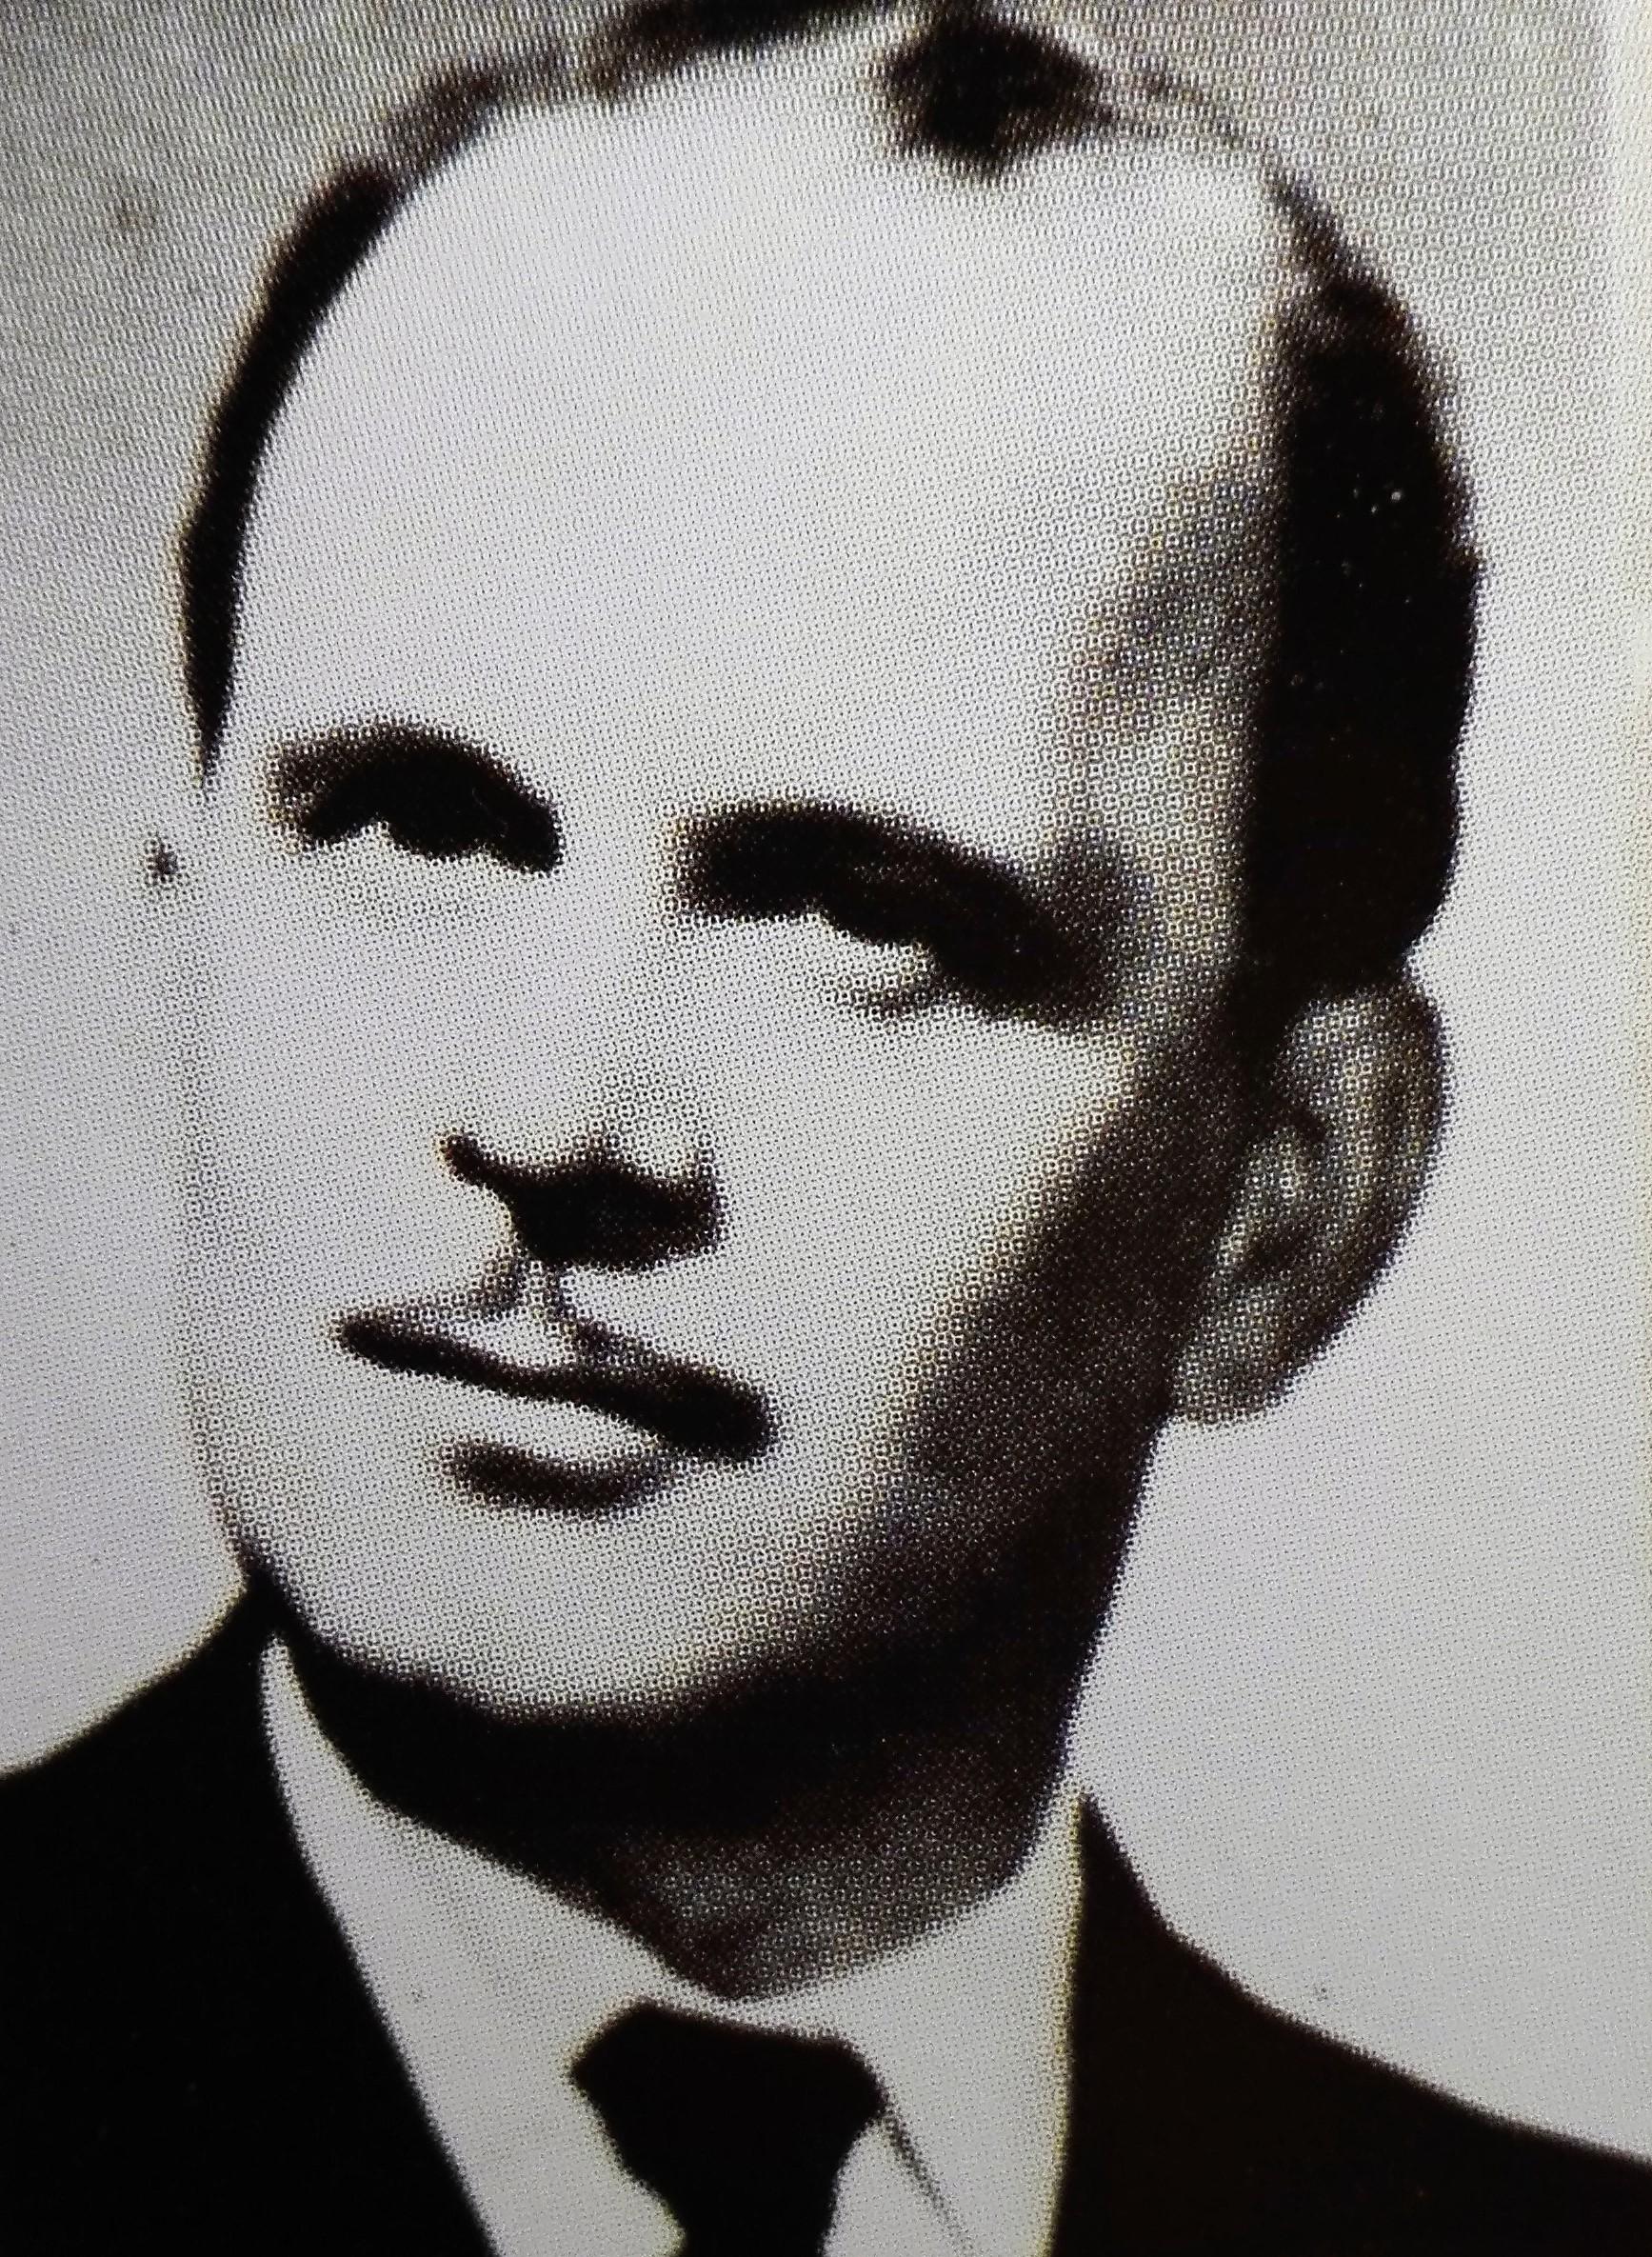 József Fodor in 1970